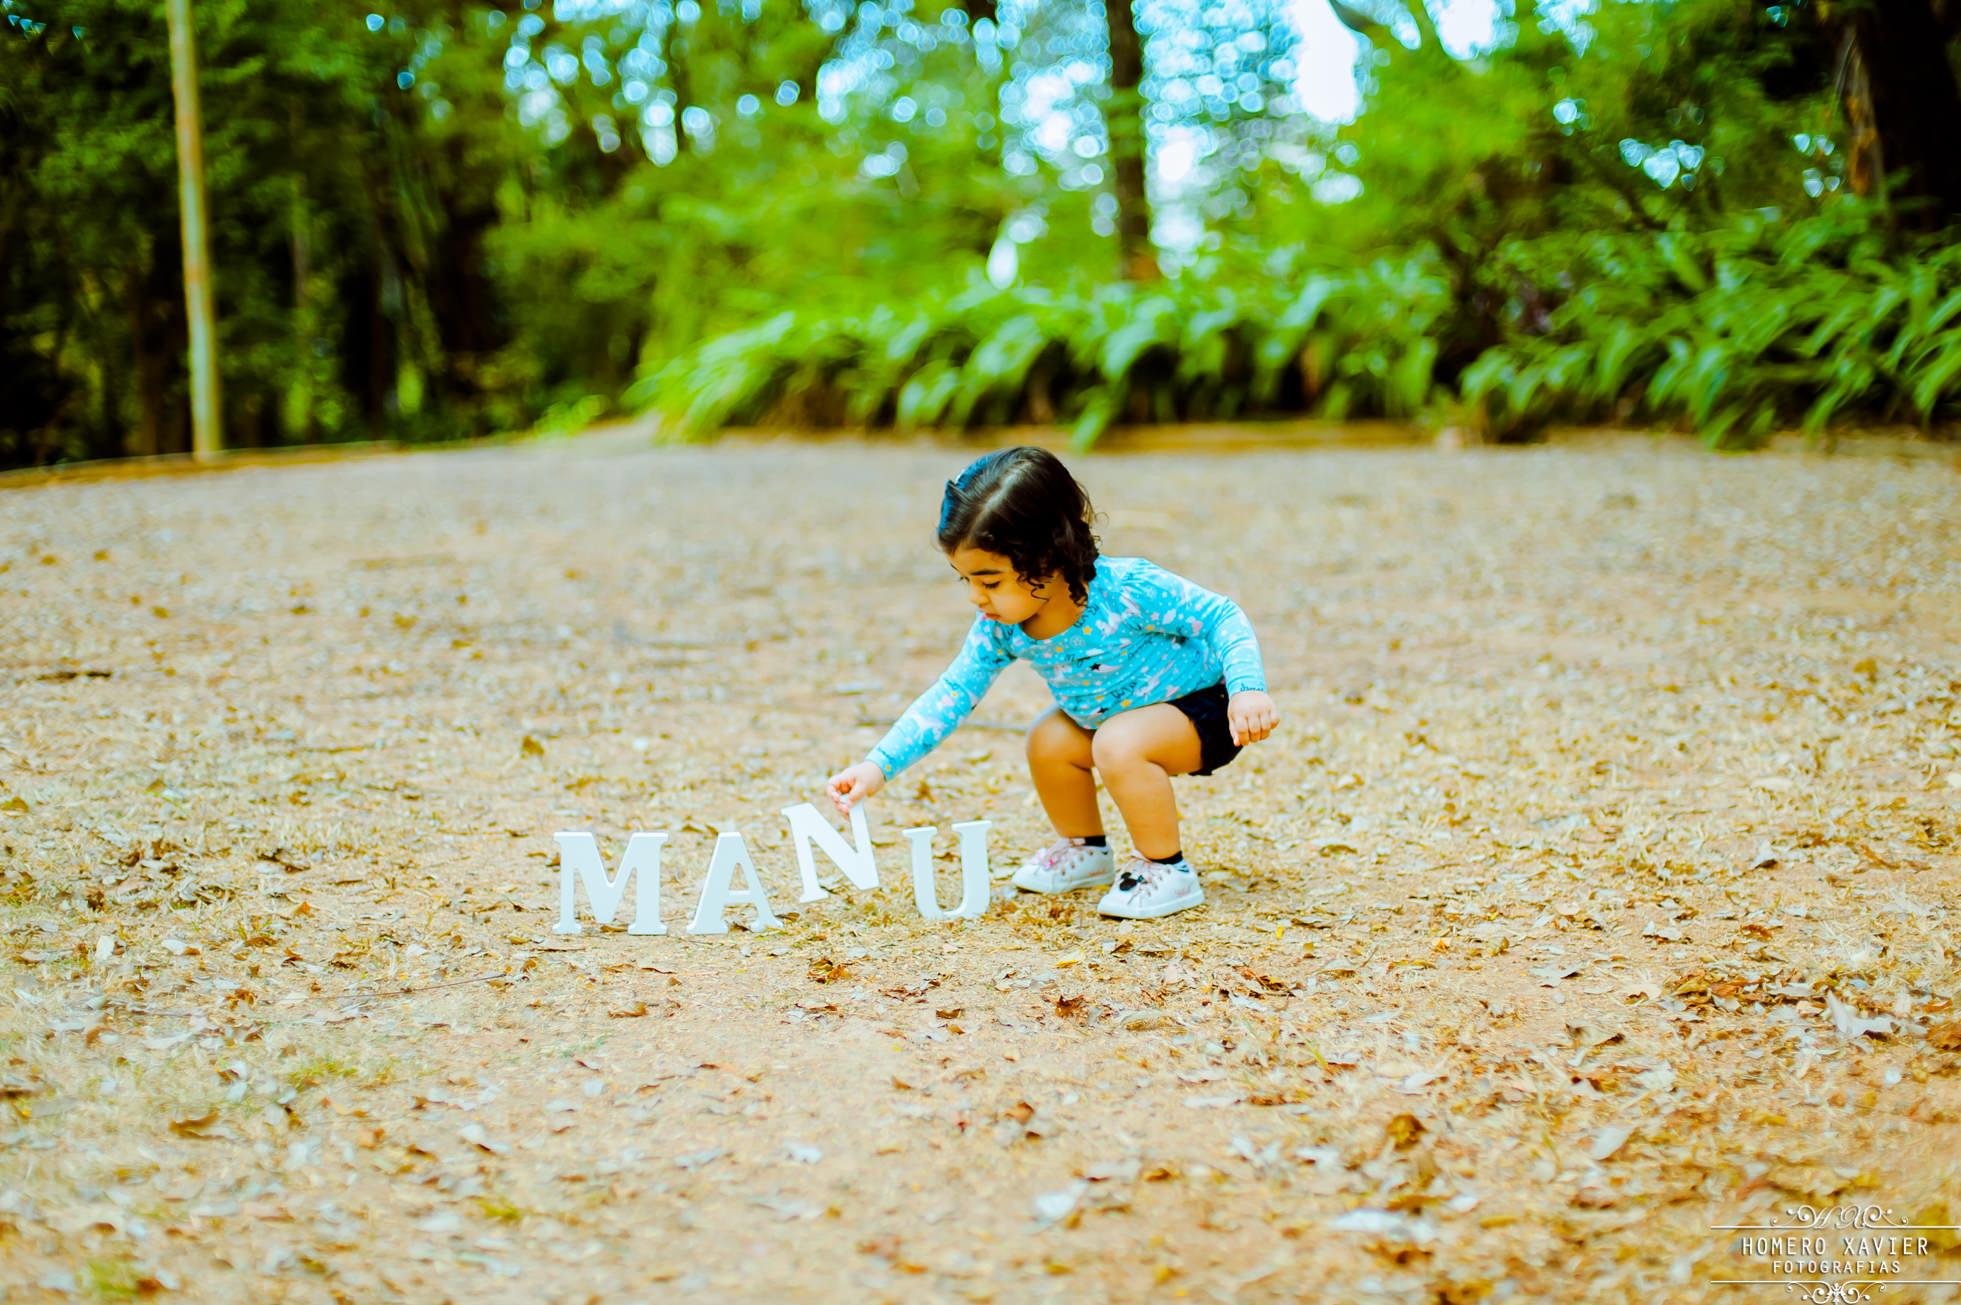 fotografia book infantil parque Guilherme Lage BH